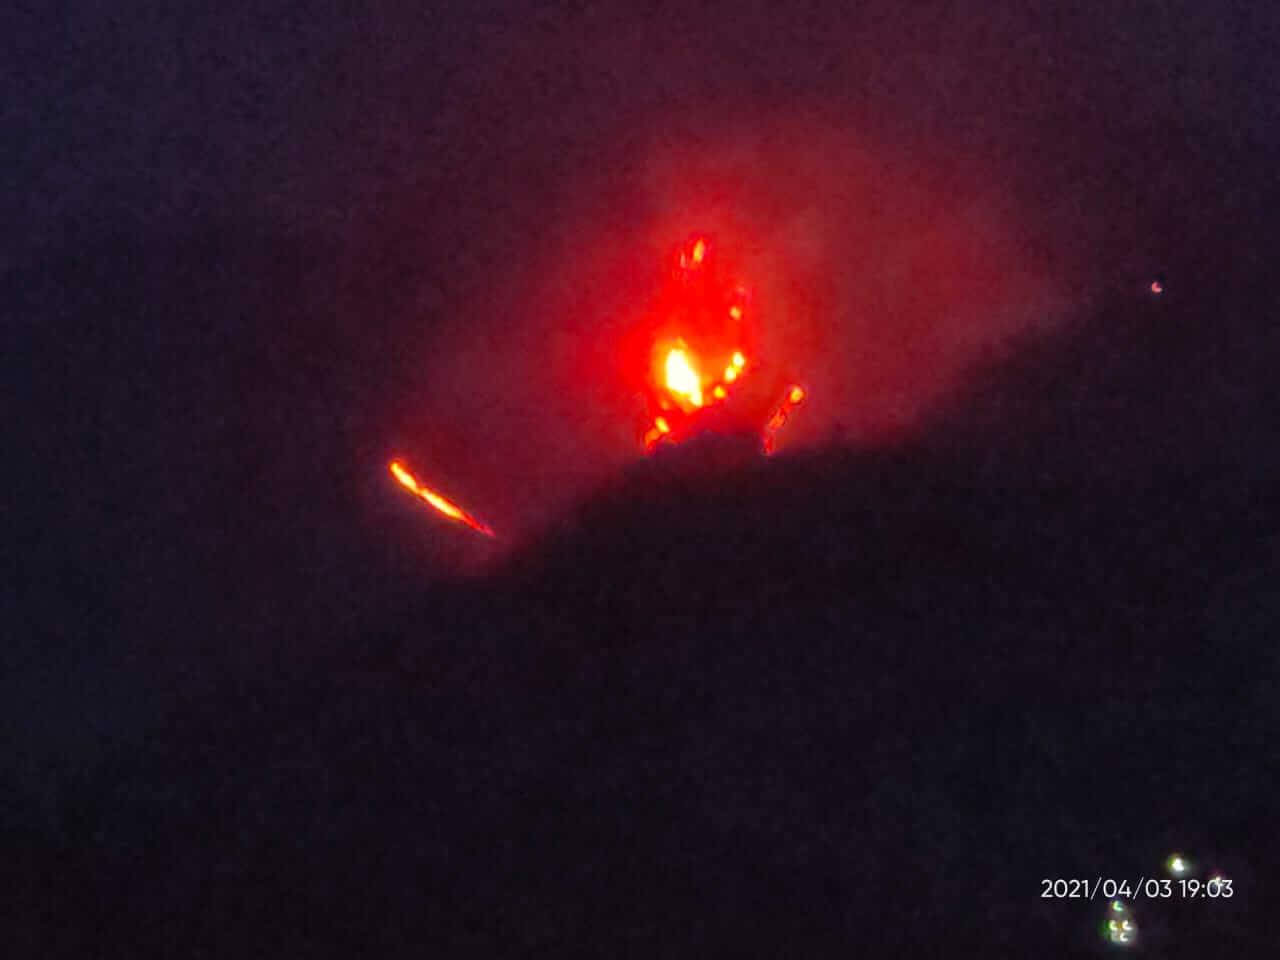 आग की लपेटों में जलती प्रकृति और उसकी गोद में तड़पते बेज़ुबान जीव